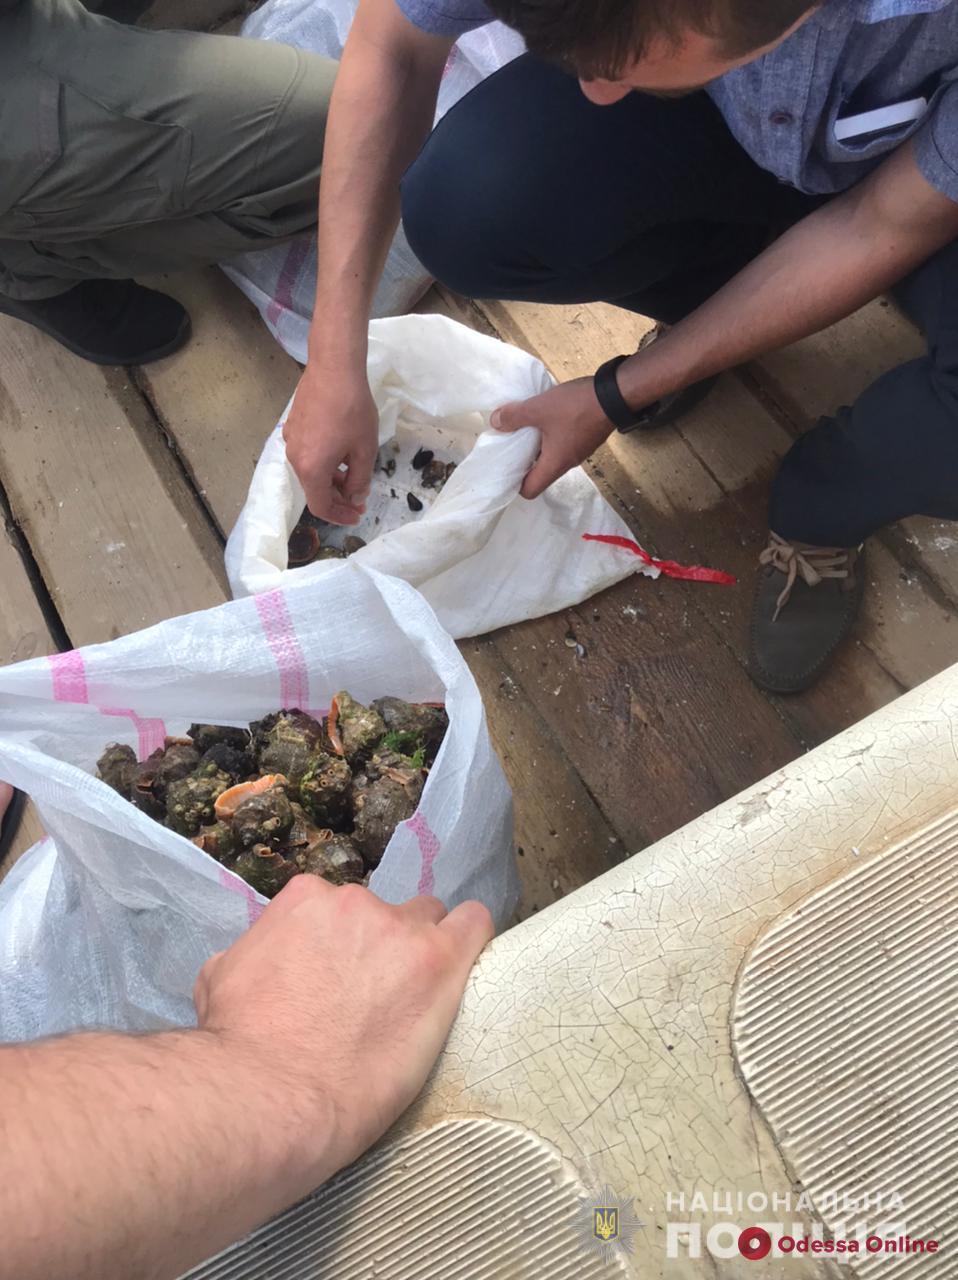 В Одесской области браконьер наловил мидий и рапанов на четверть миллиона гривен